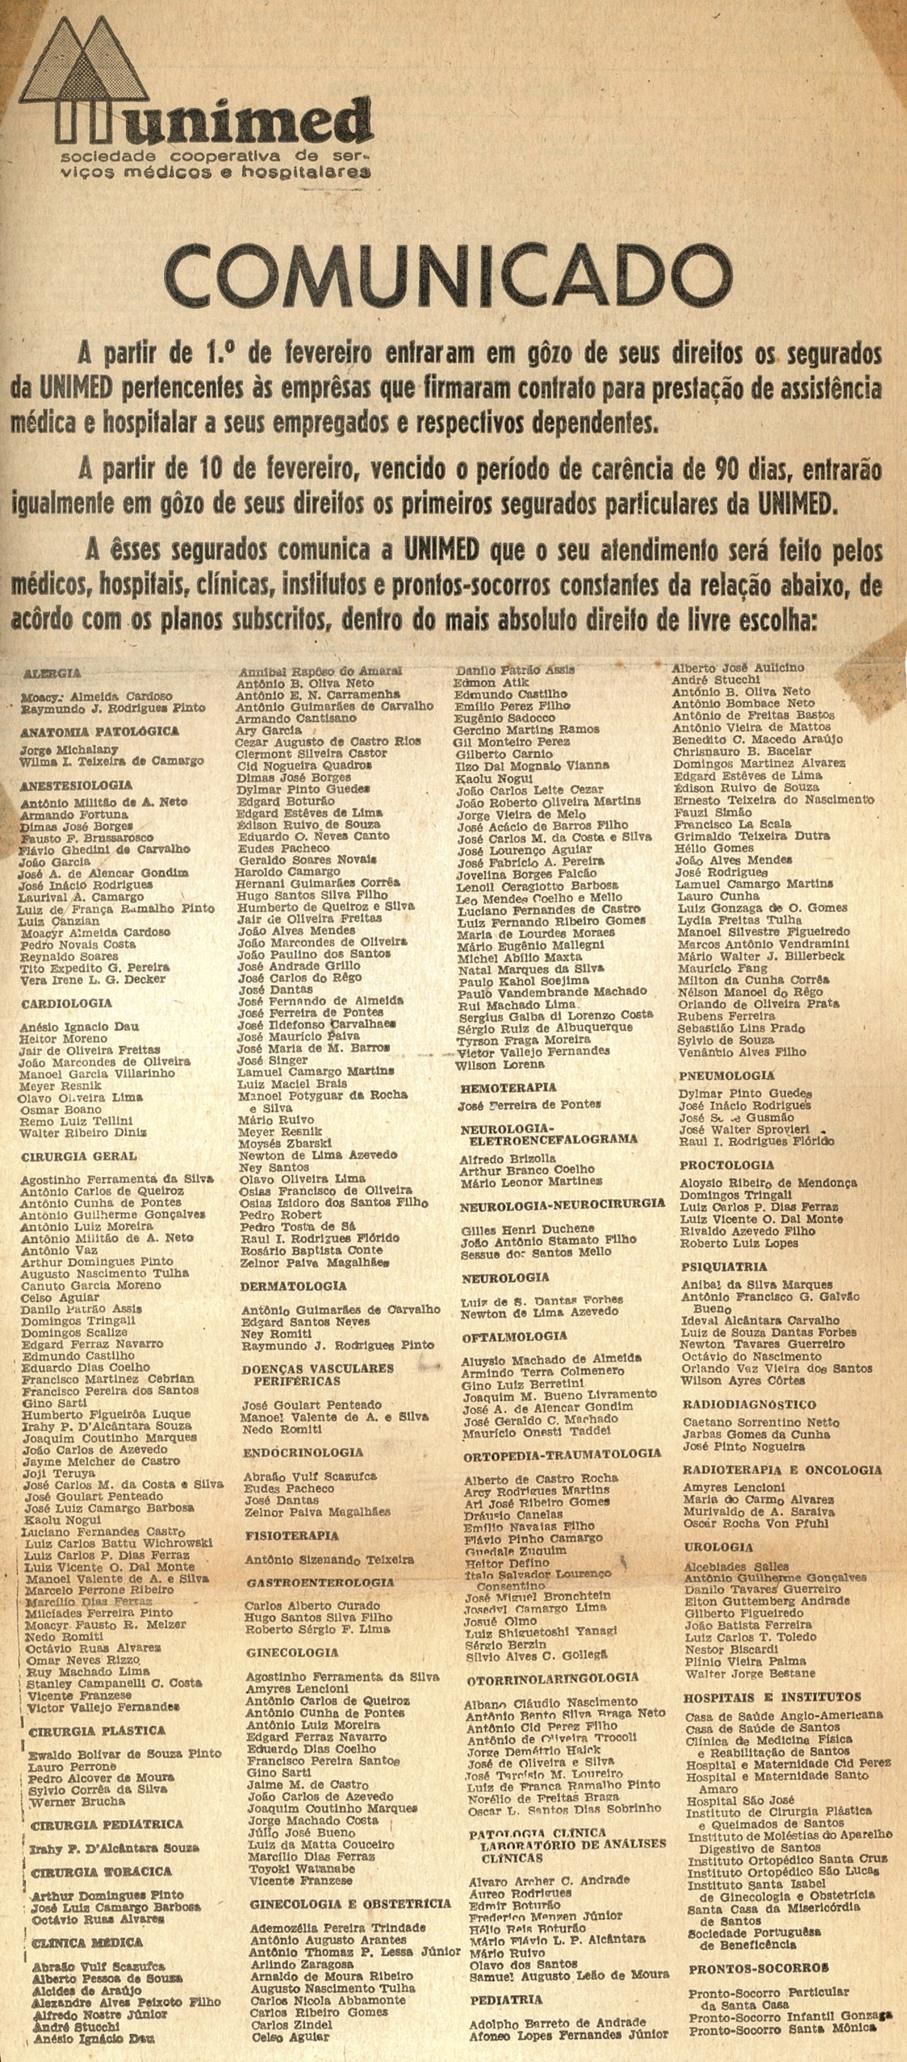 Primeiro comunicado da Unimed na imprensa, em 1968, com a relação dos médicos cooperados.